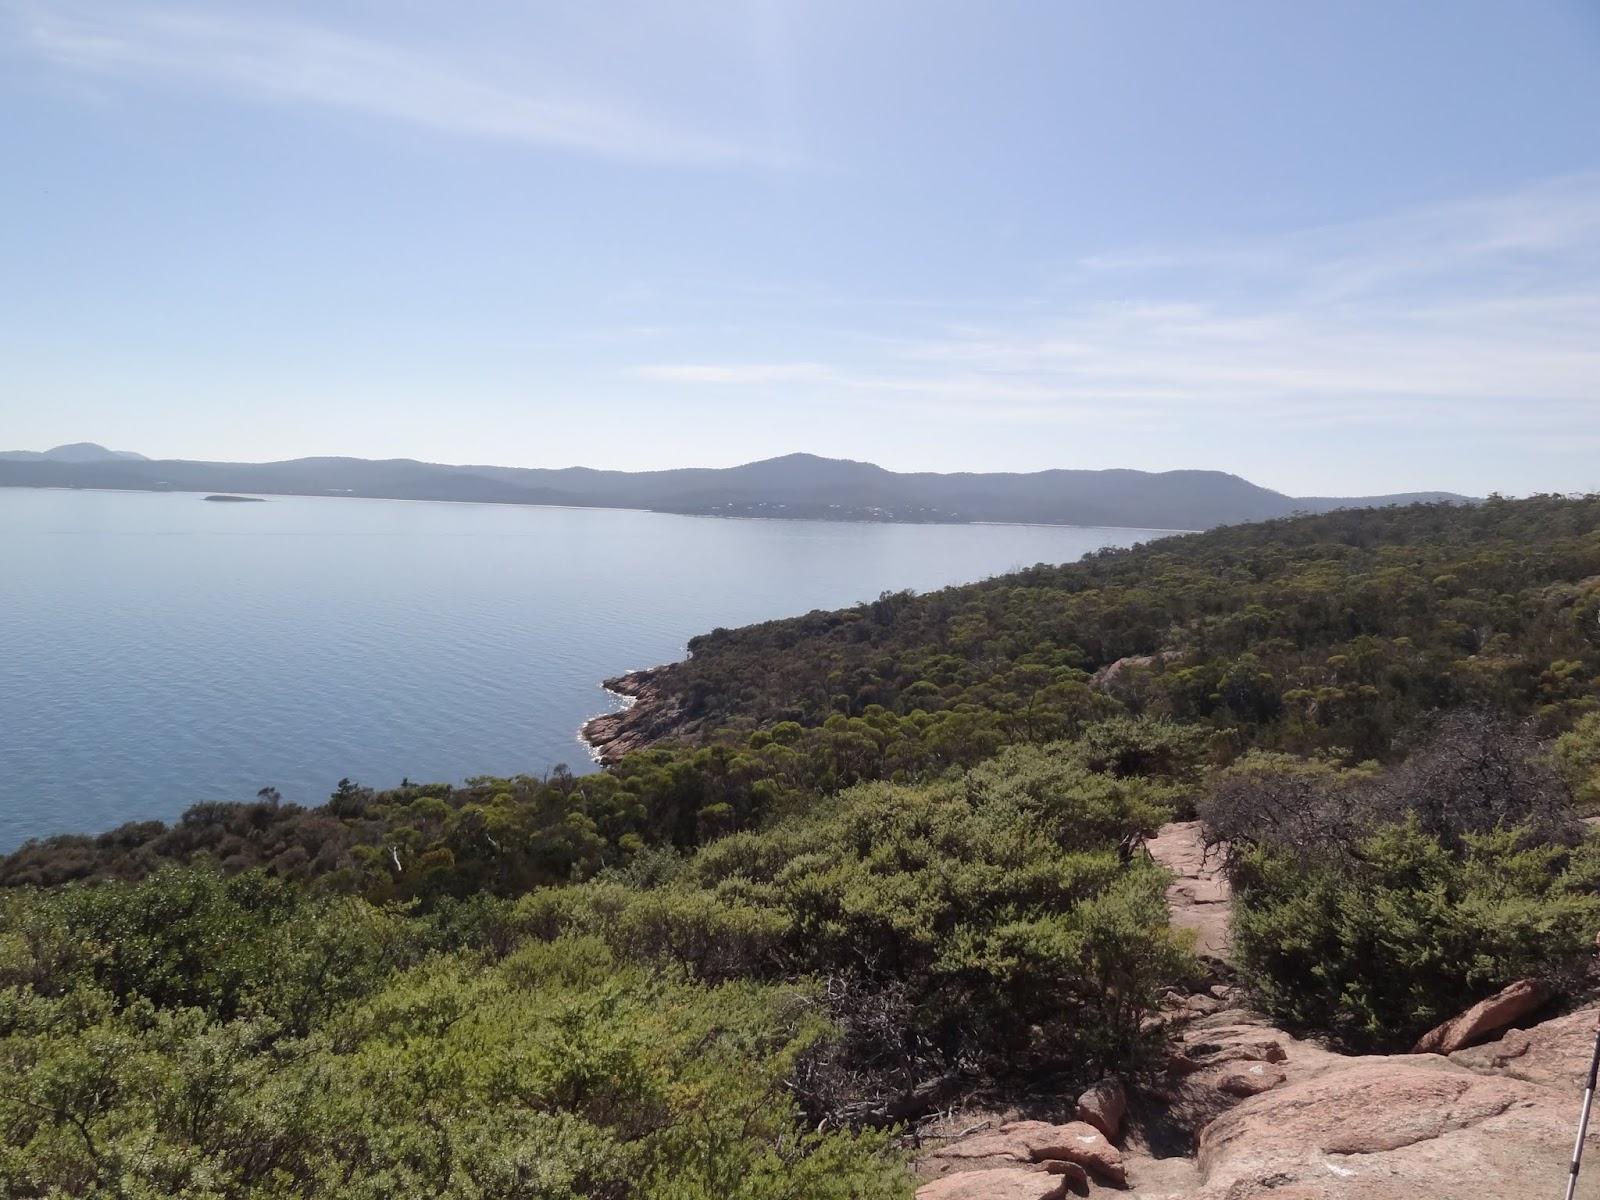 Looking north towards Coles Bay